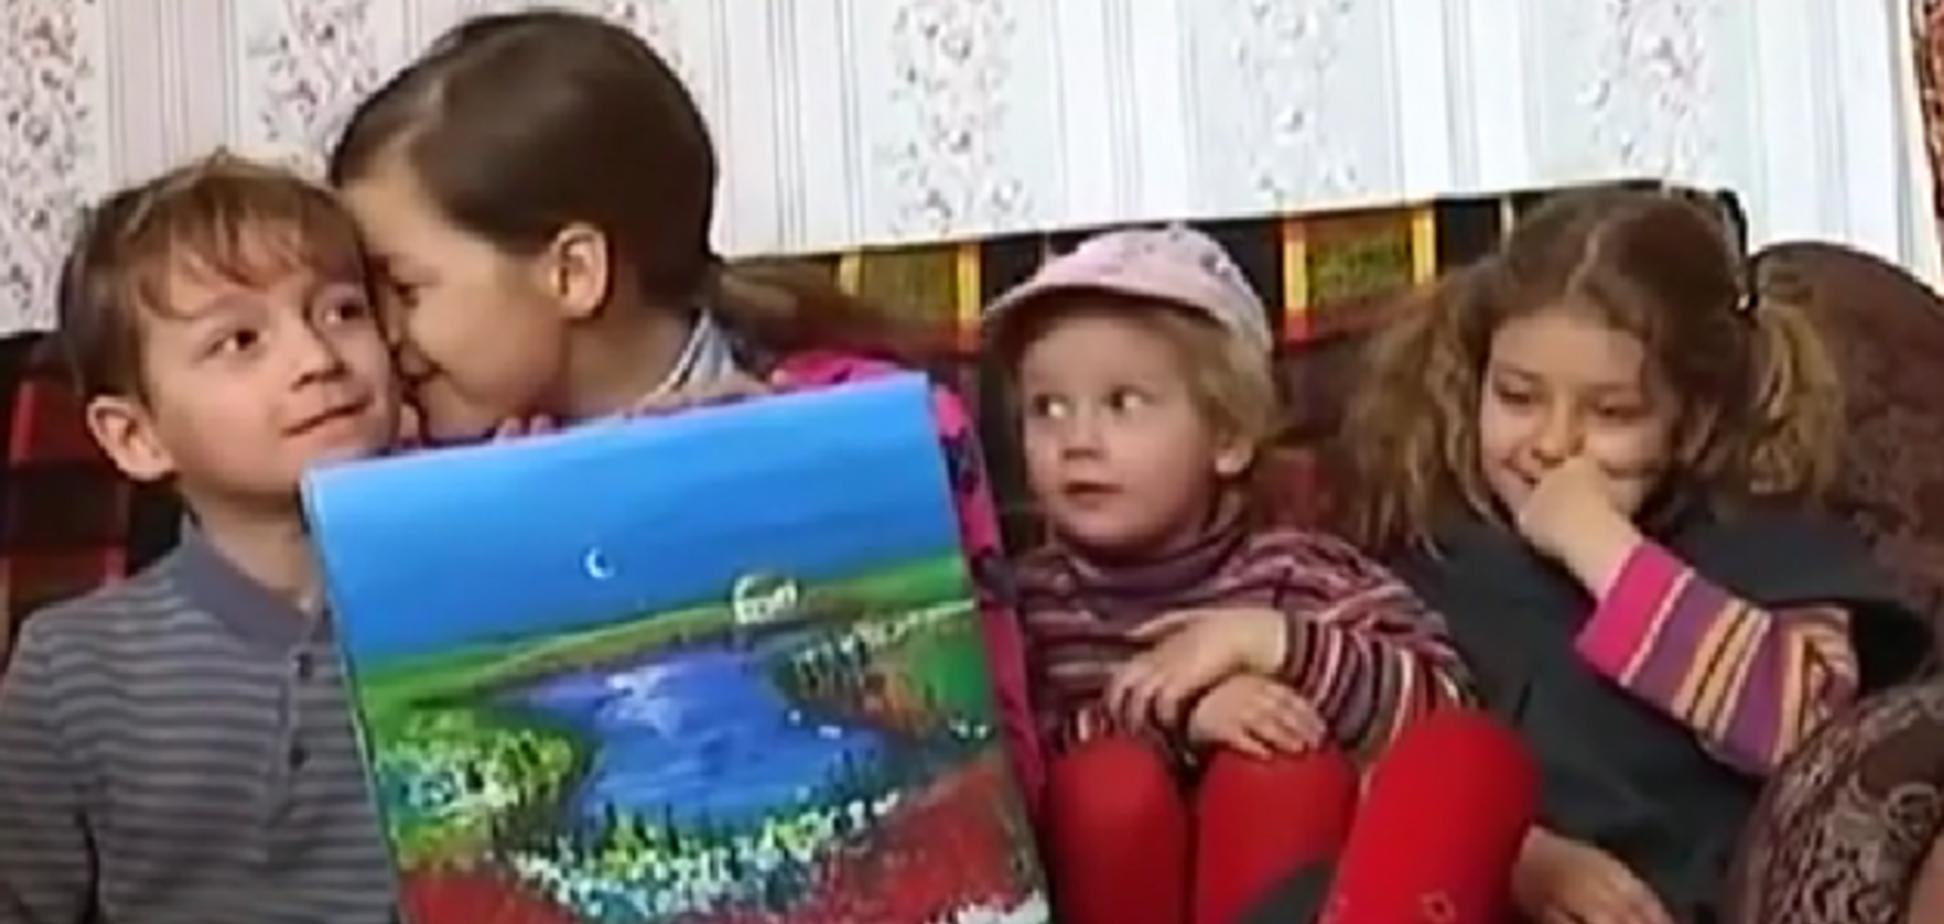 Многодетная семья из России сбежала на Прикарпатье от преследований ФСБ: отец воюет за Украину